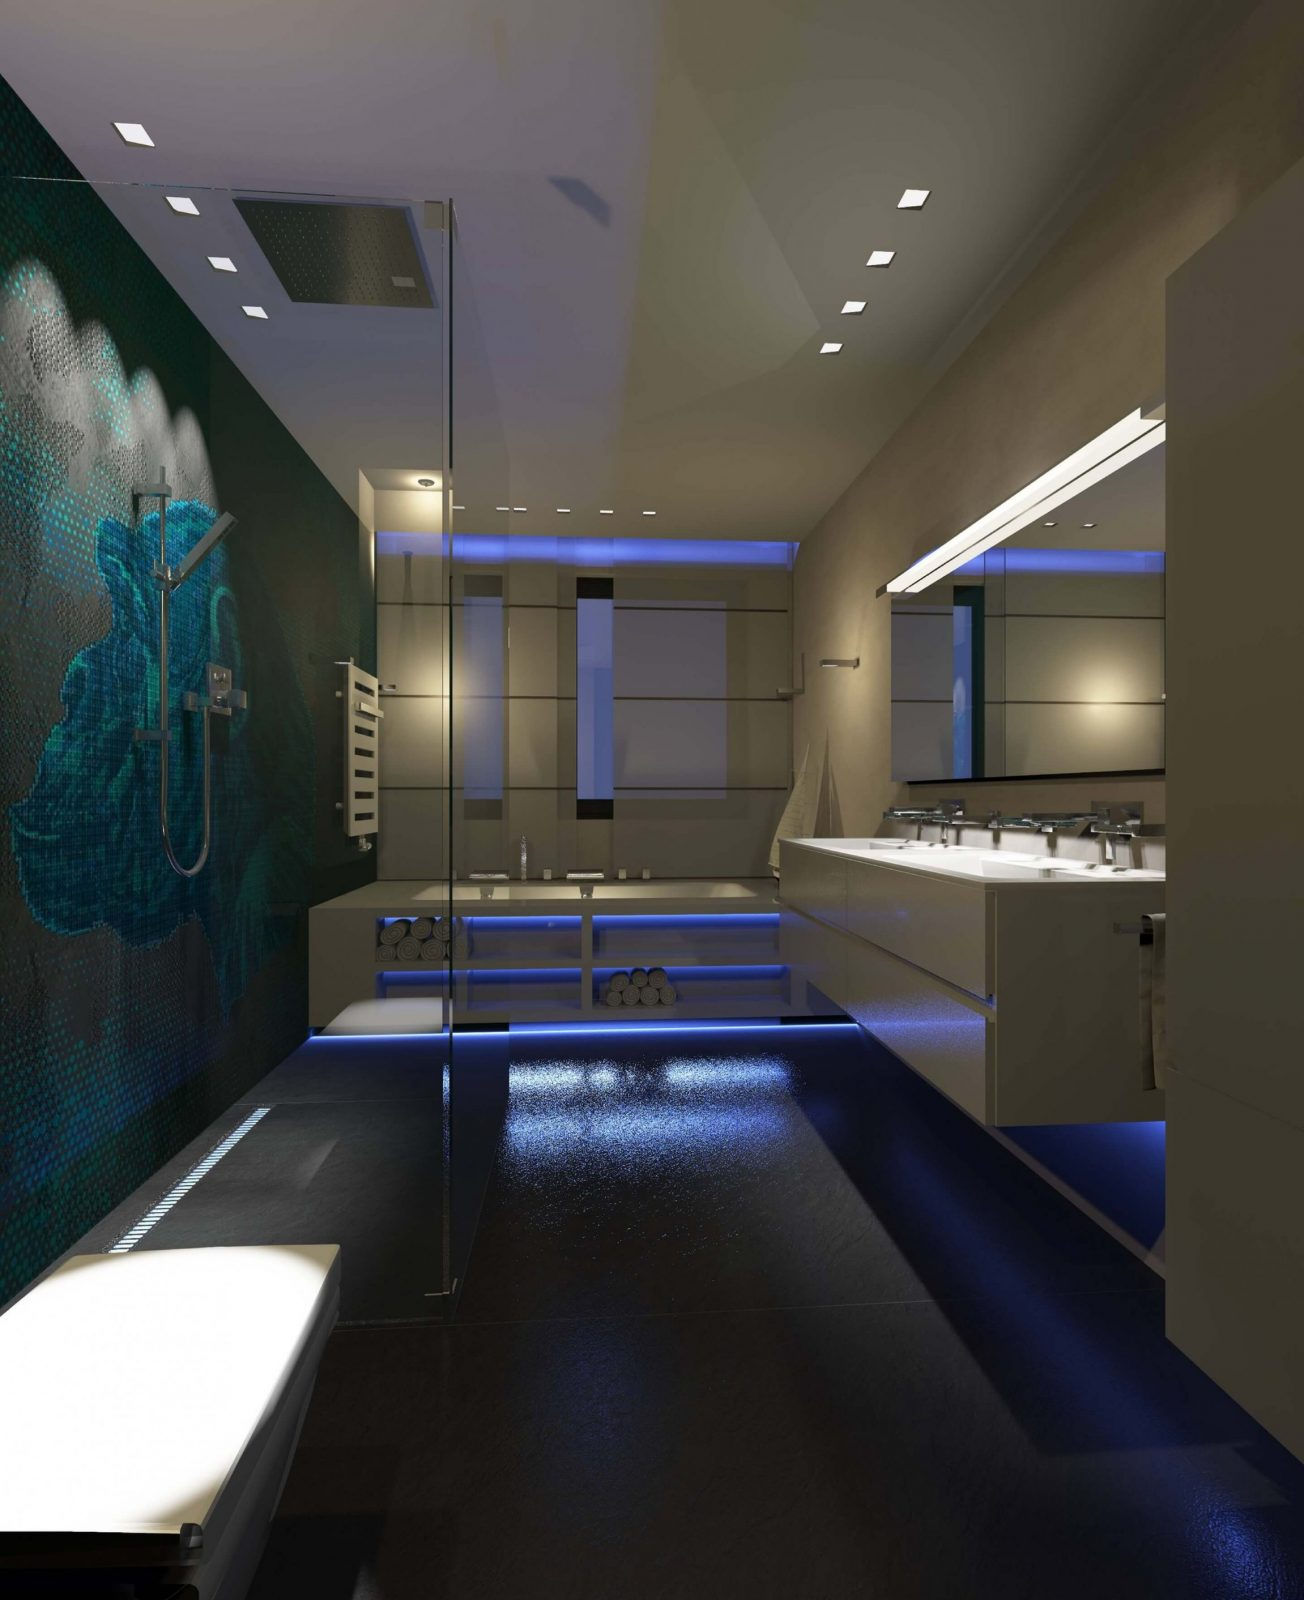 Badplanung 2018 Funktionalität Und Design Luxuriös Kombiniert von Badezimmer Beispiele 10 Qm Photo